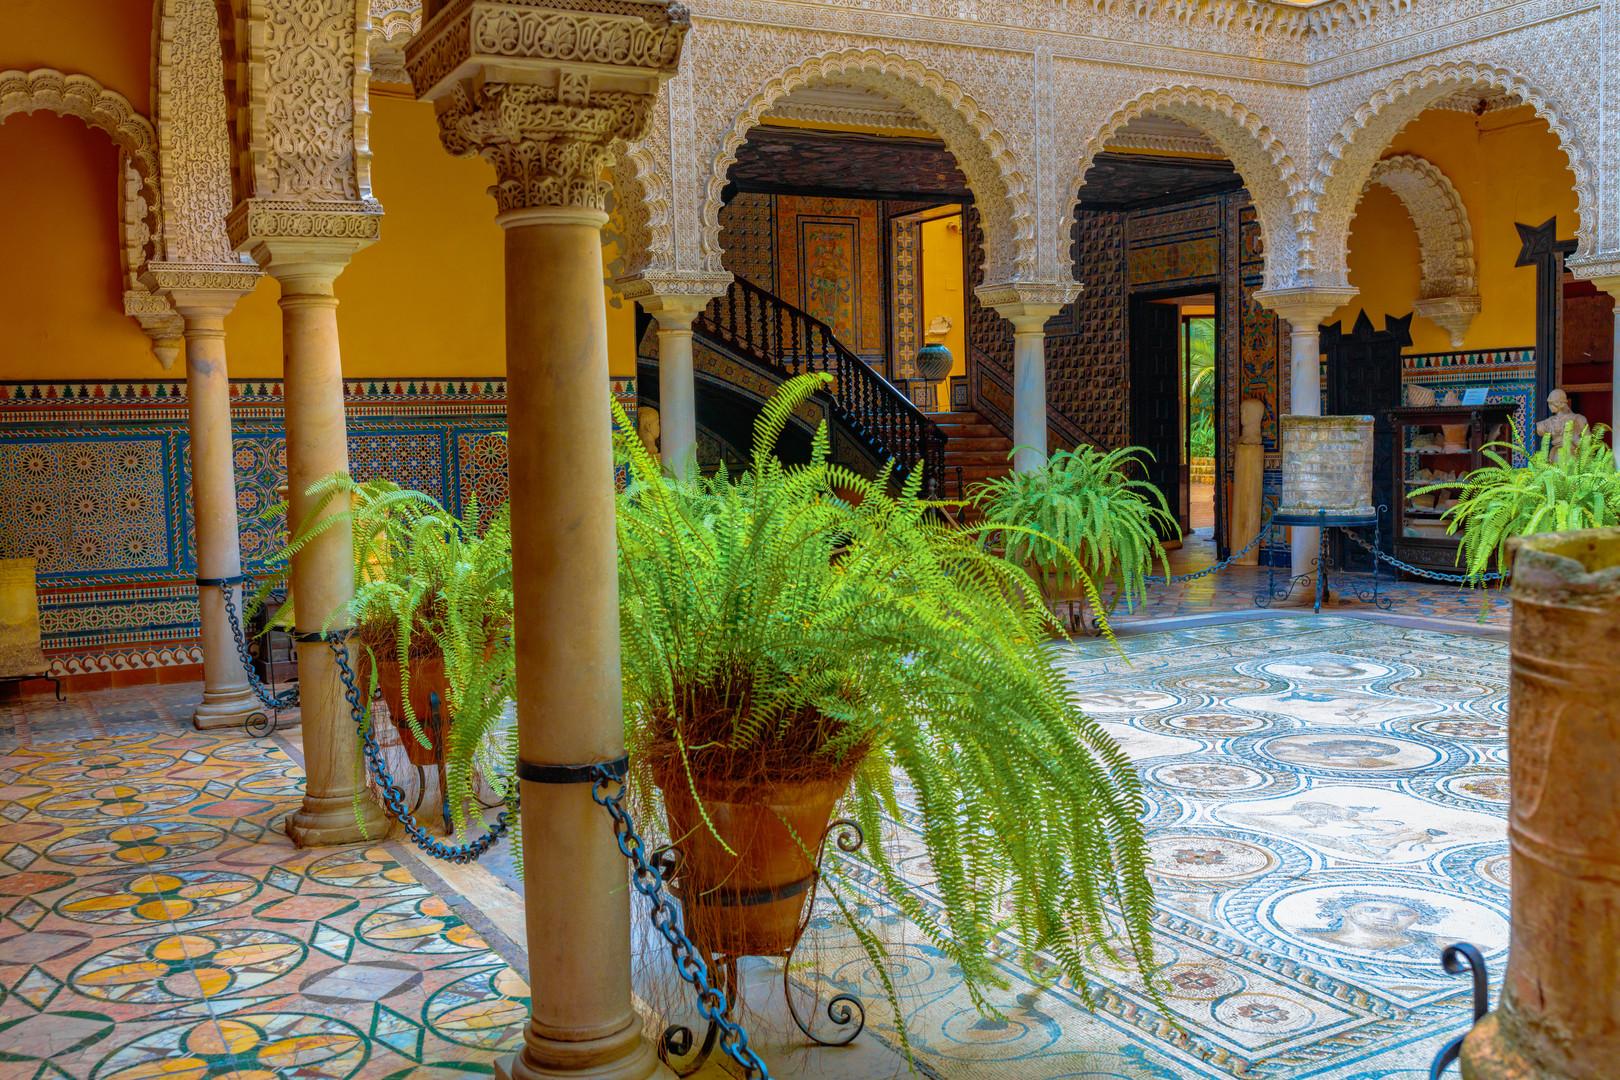 Patio casa lebrija imagen foto arquitectura escaleras for Alquiler de casas en lebrija sevilla